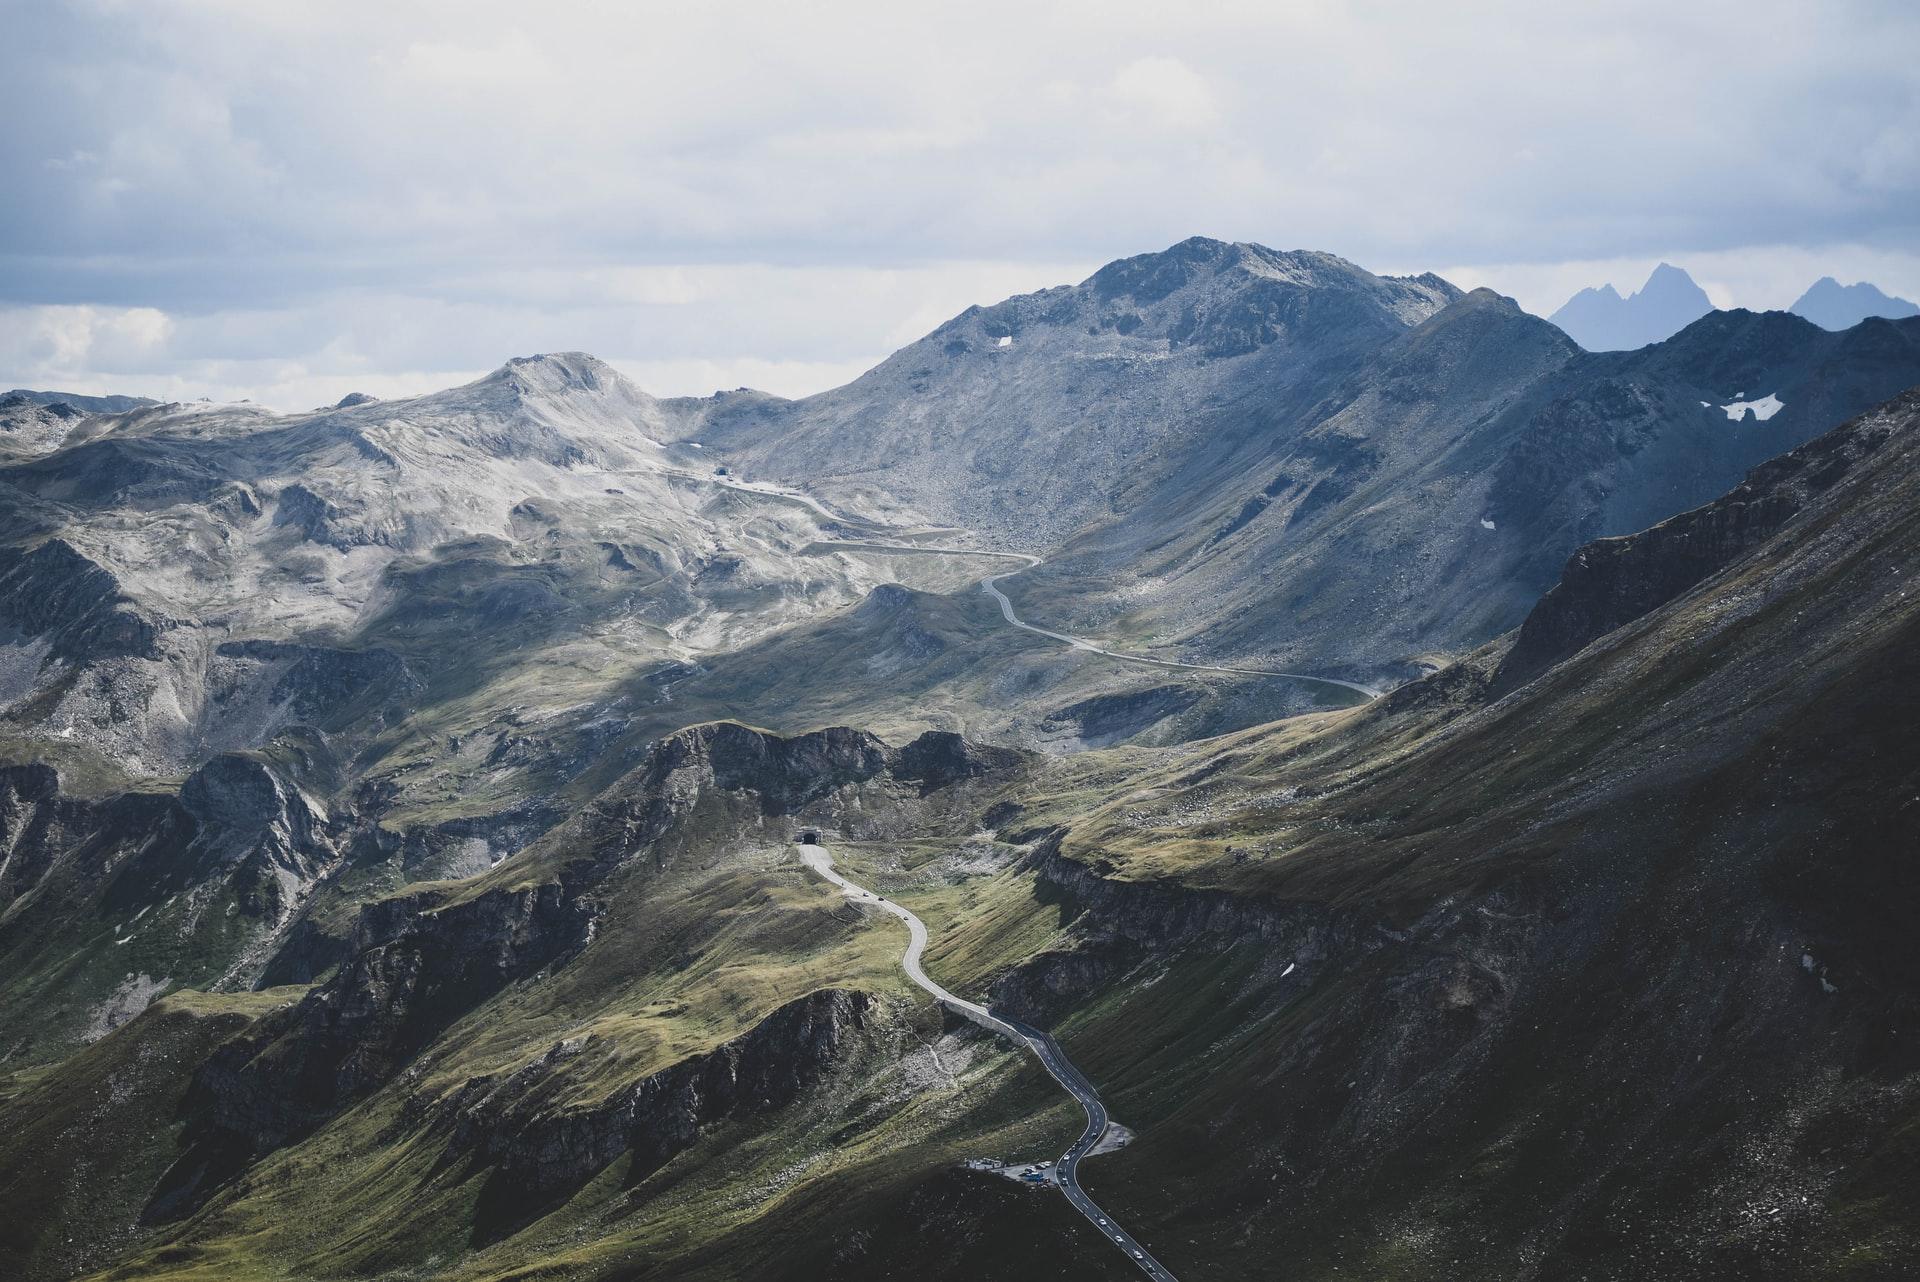 Hüttenurlaub im Sommer: Grossglockner Hochalpenstraße